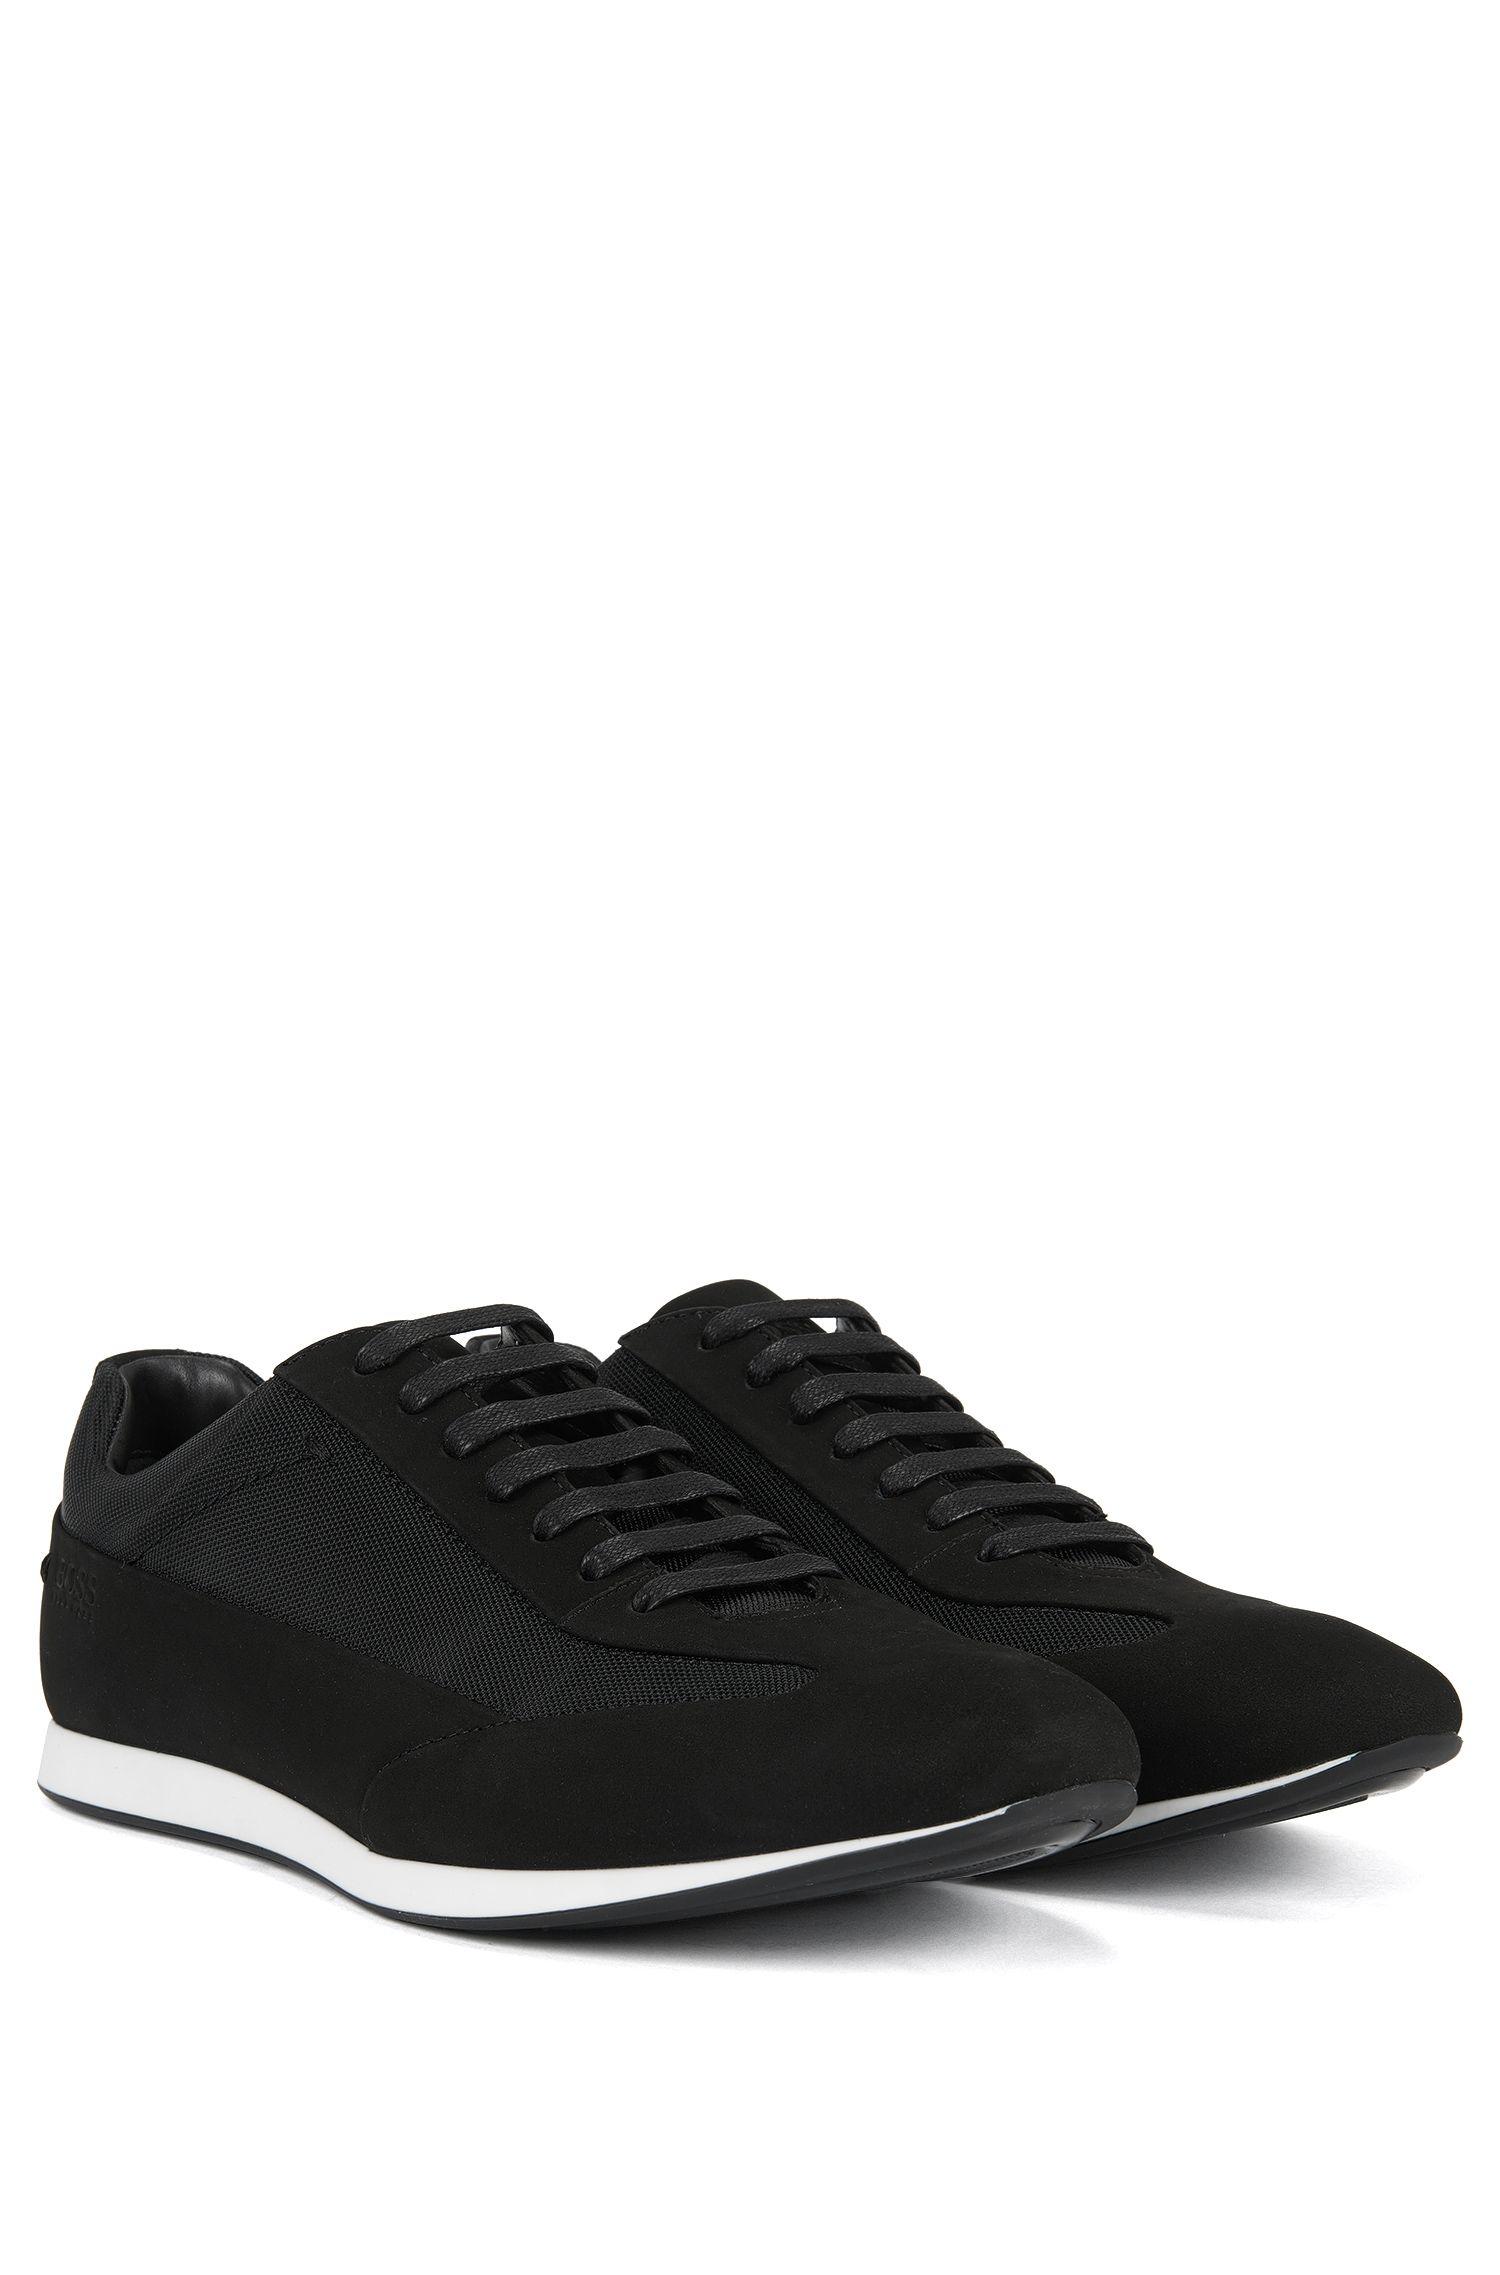 Ledersneakers mit Schnürung und strukturierten Einsätzen von BOSS Menswear, Schwarz